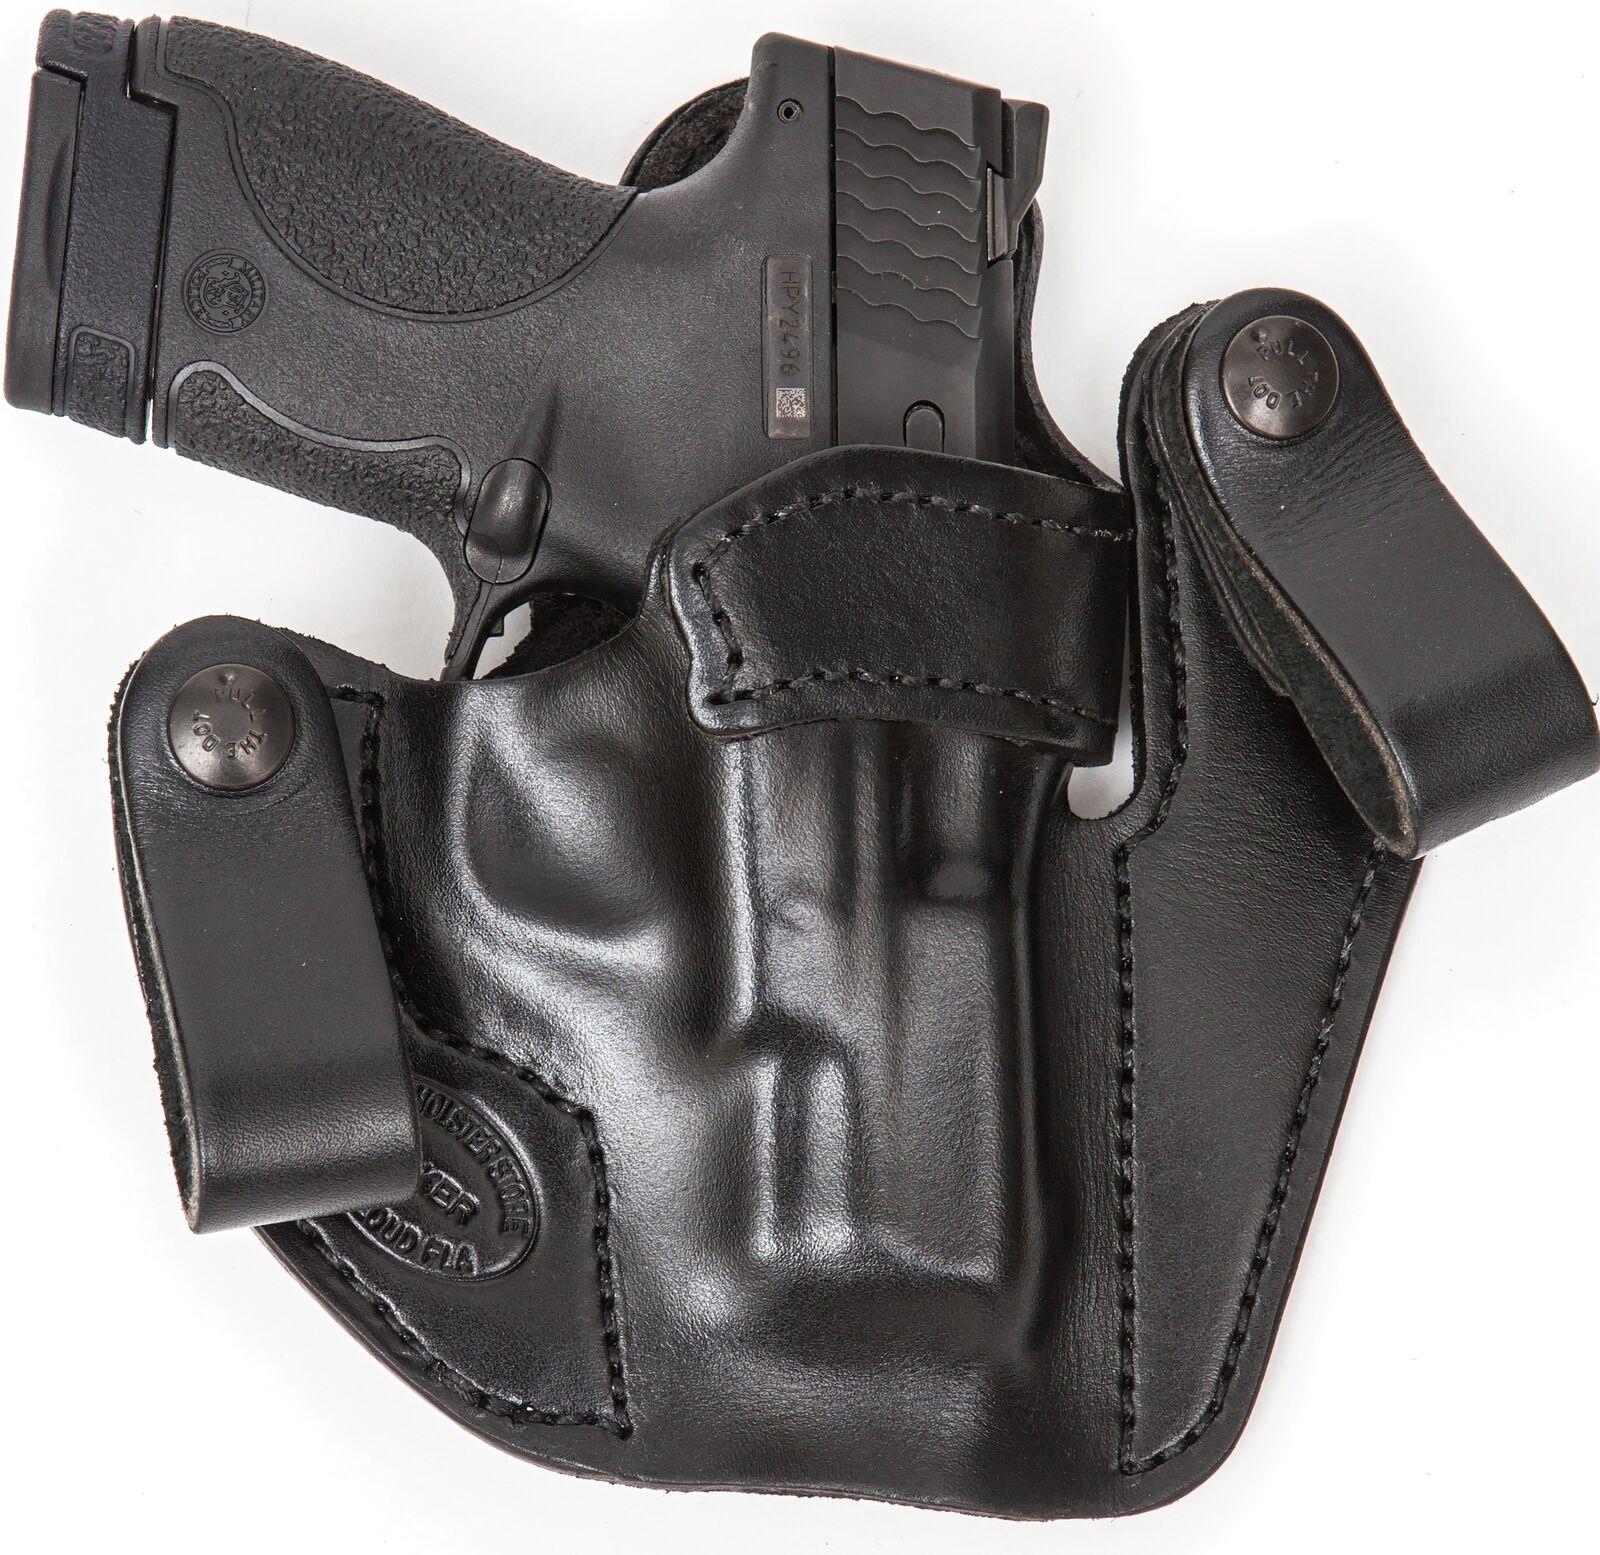 XTREME llevar RH LH dentro de la cintura de cuero Funda Pistola para 1911 3.5